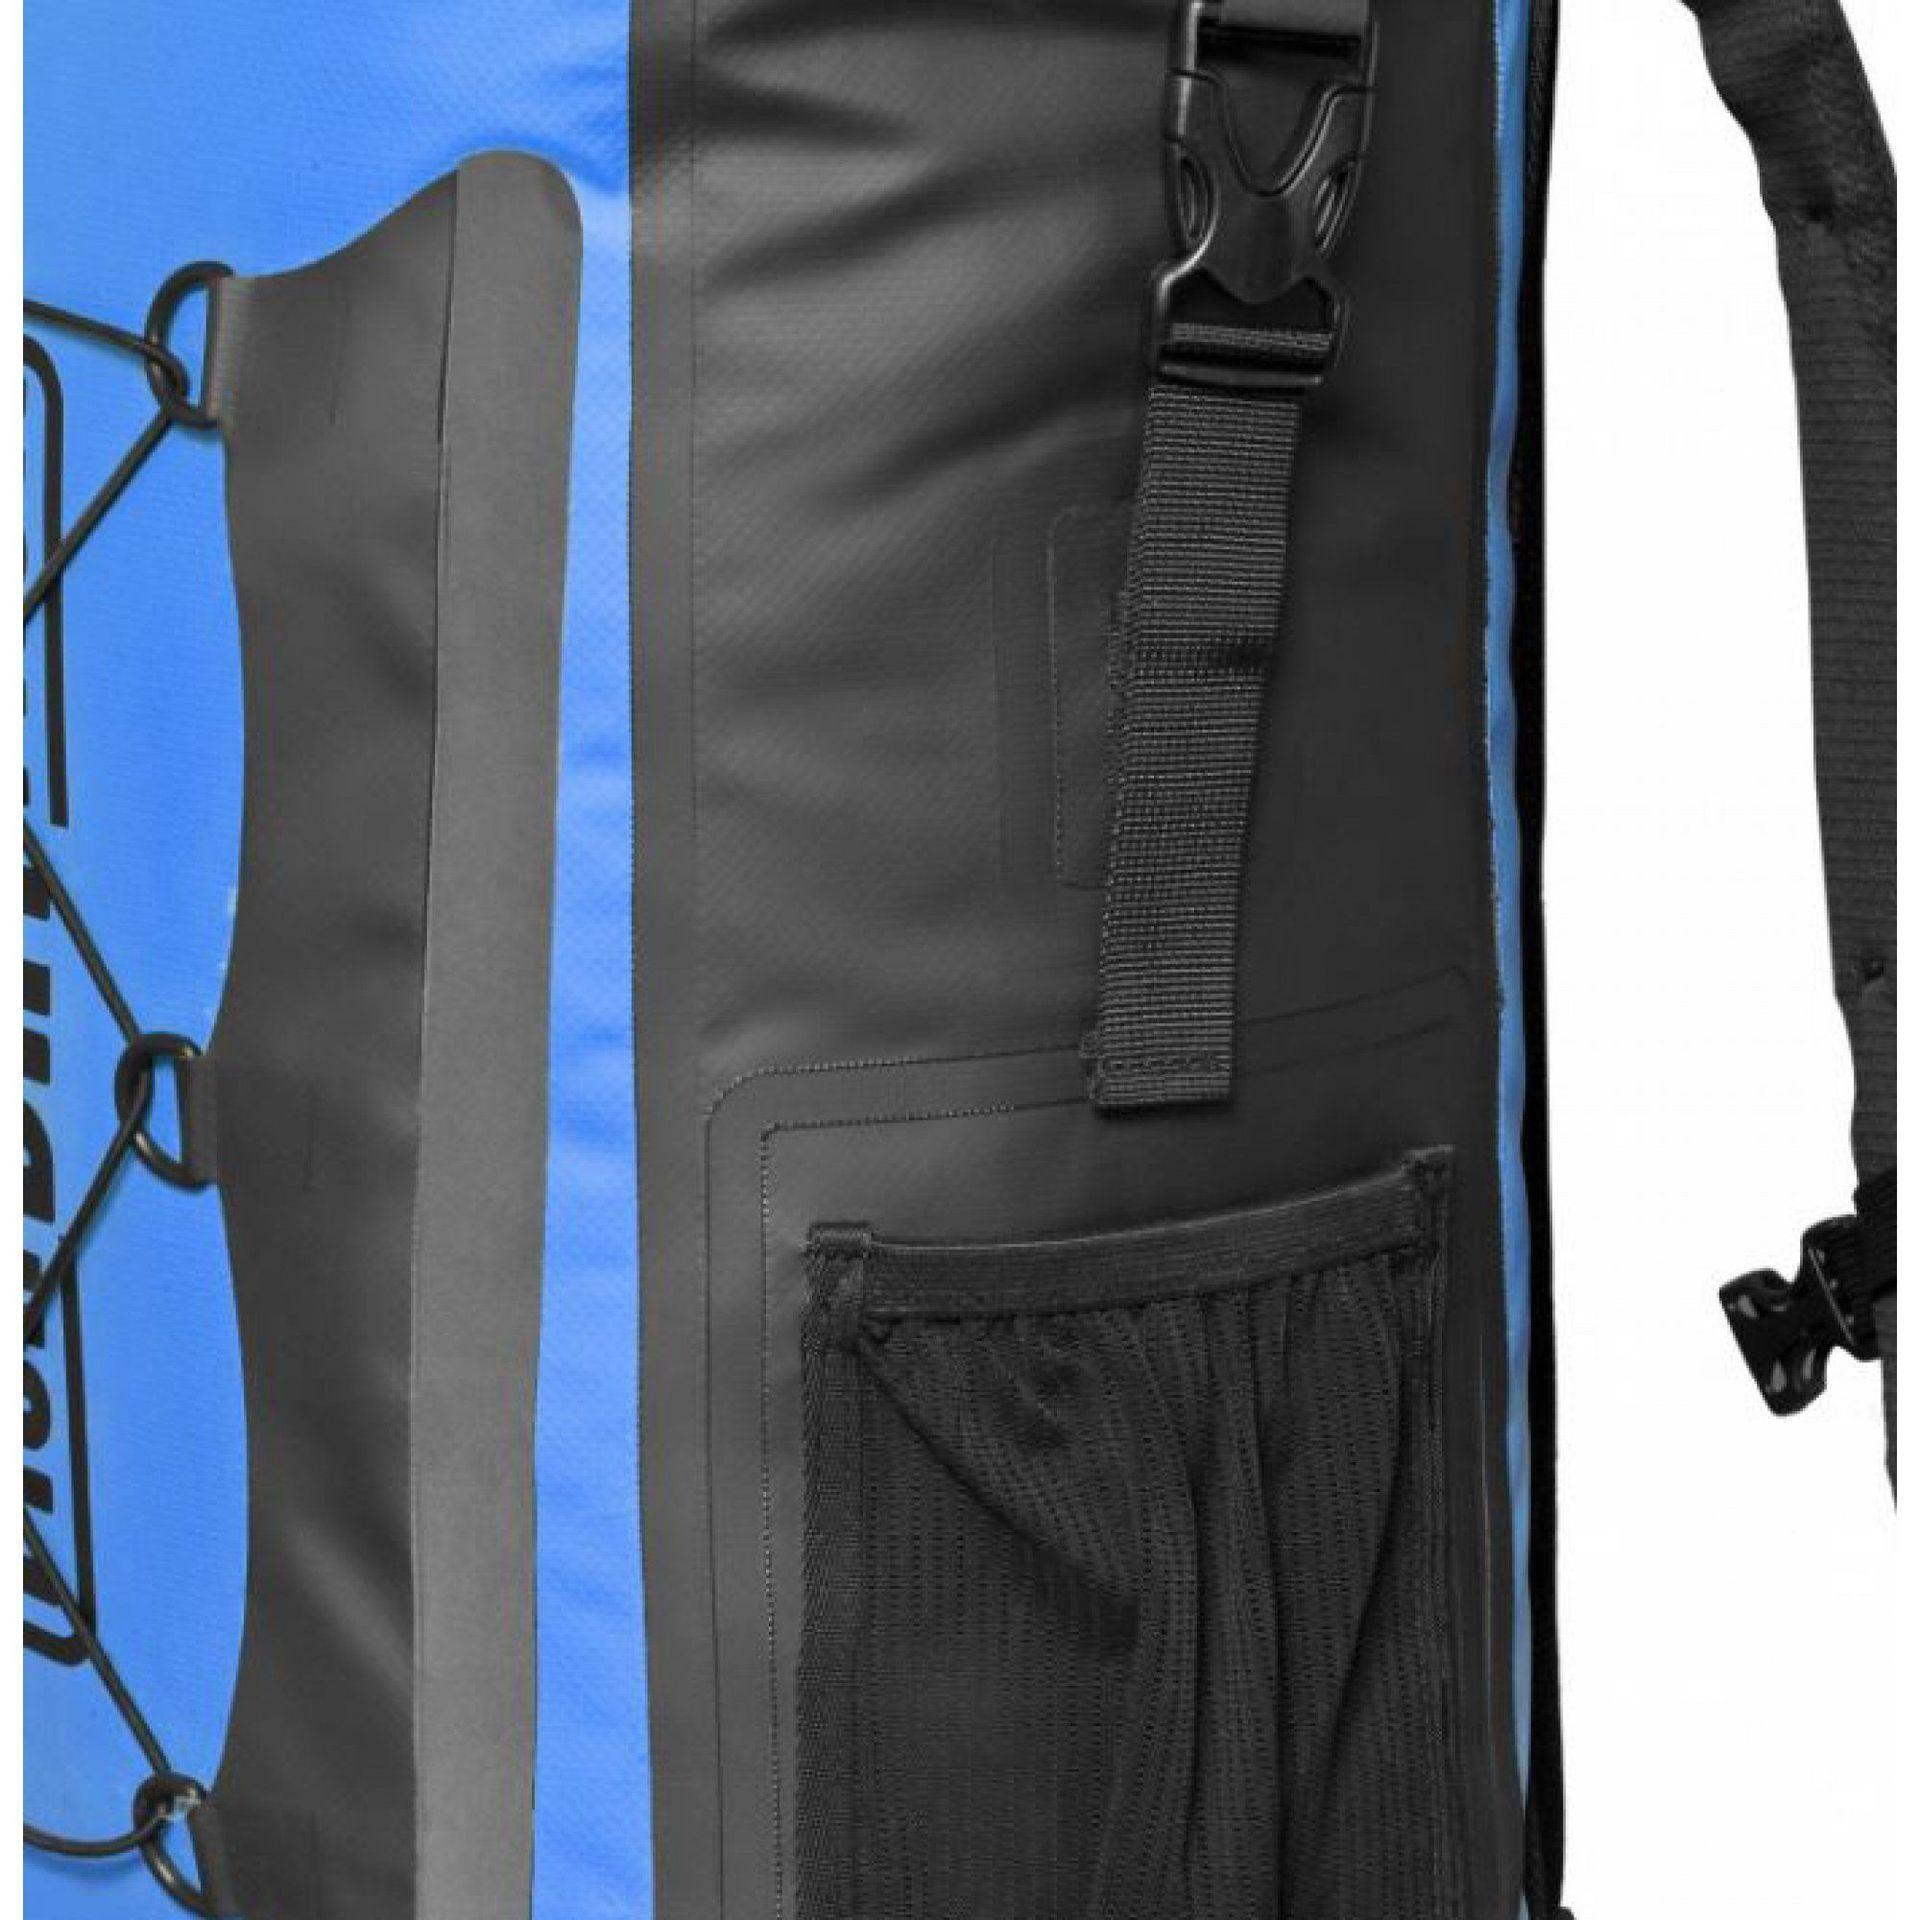 PLECAK FISH SKATEBOARDS FISH DRY PACK EXPLORER 20L BLUE 8